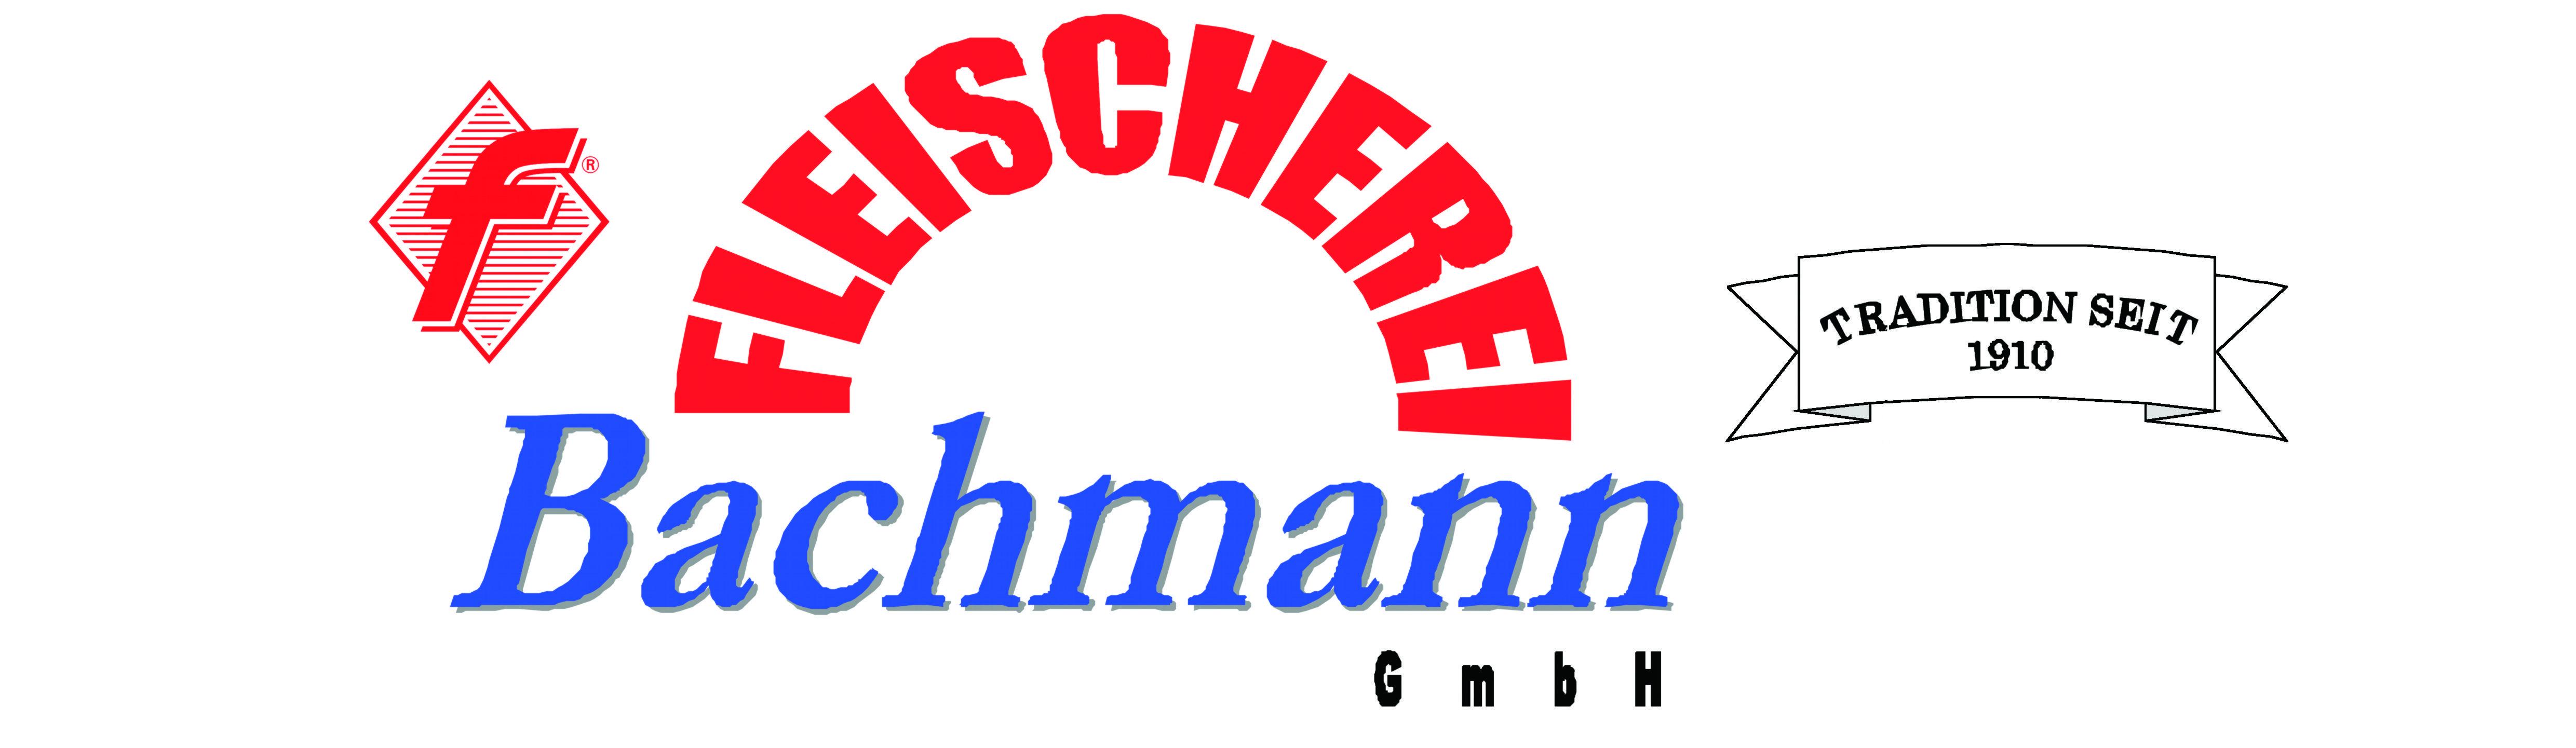 Homepage der FLEISCHEREI Banmann GmbH mit aktuellen Angeboten und Speiseplänen.